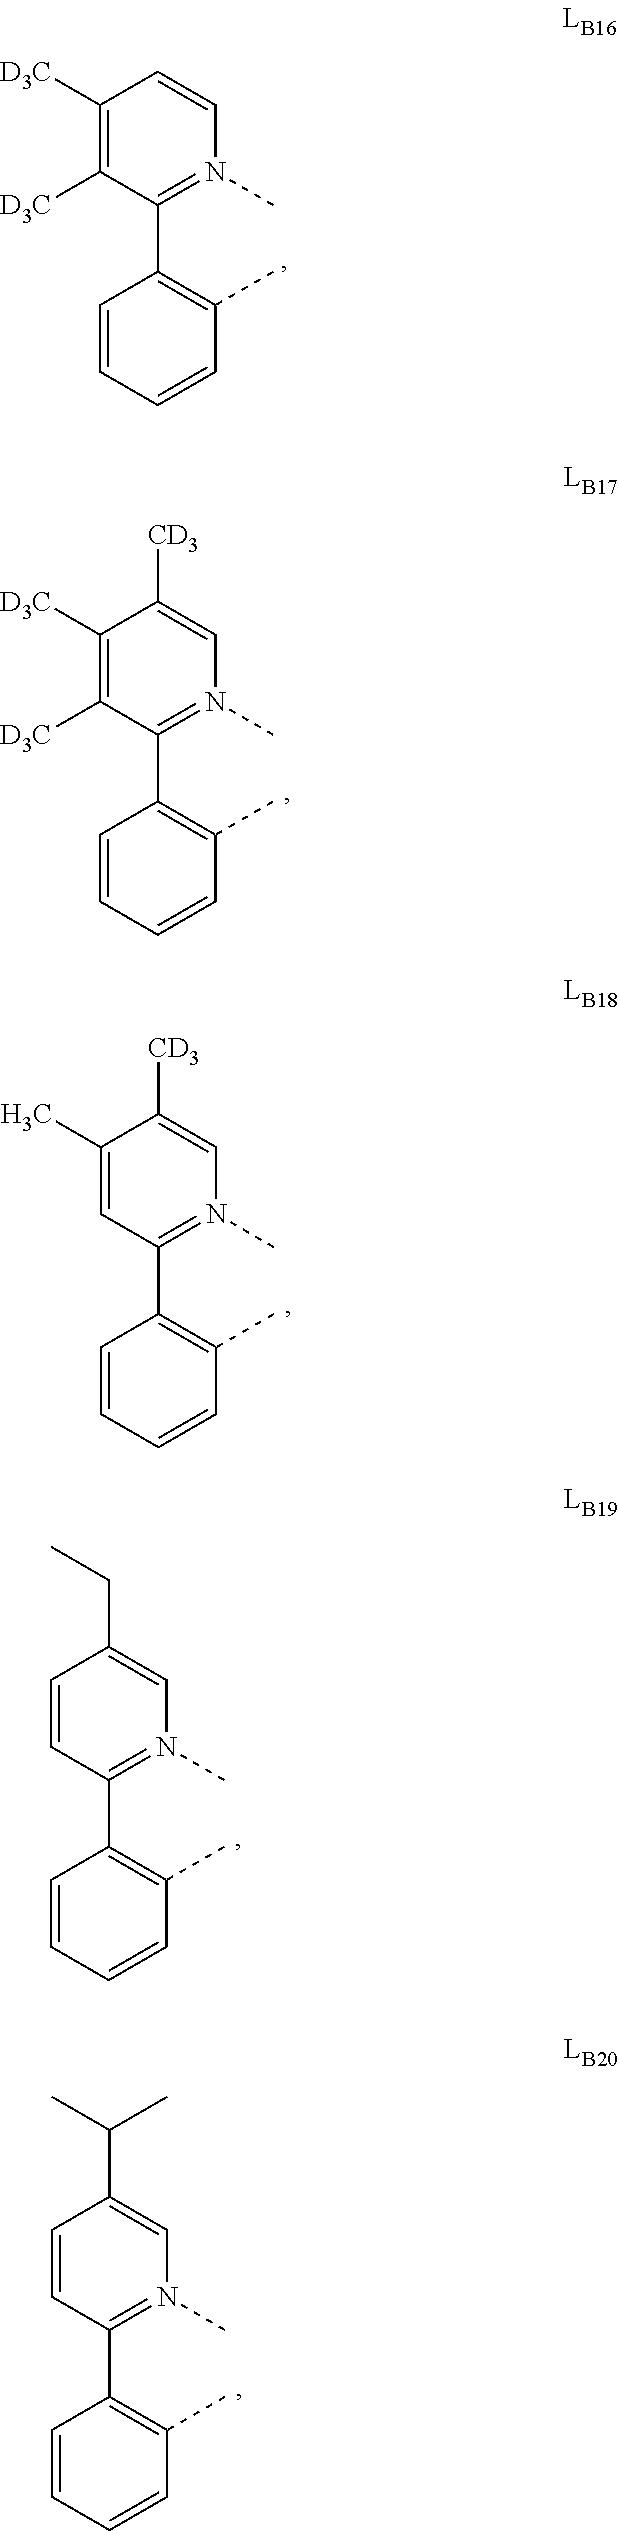 Figure US09691993-20170627-C00049